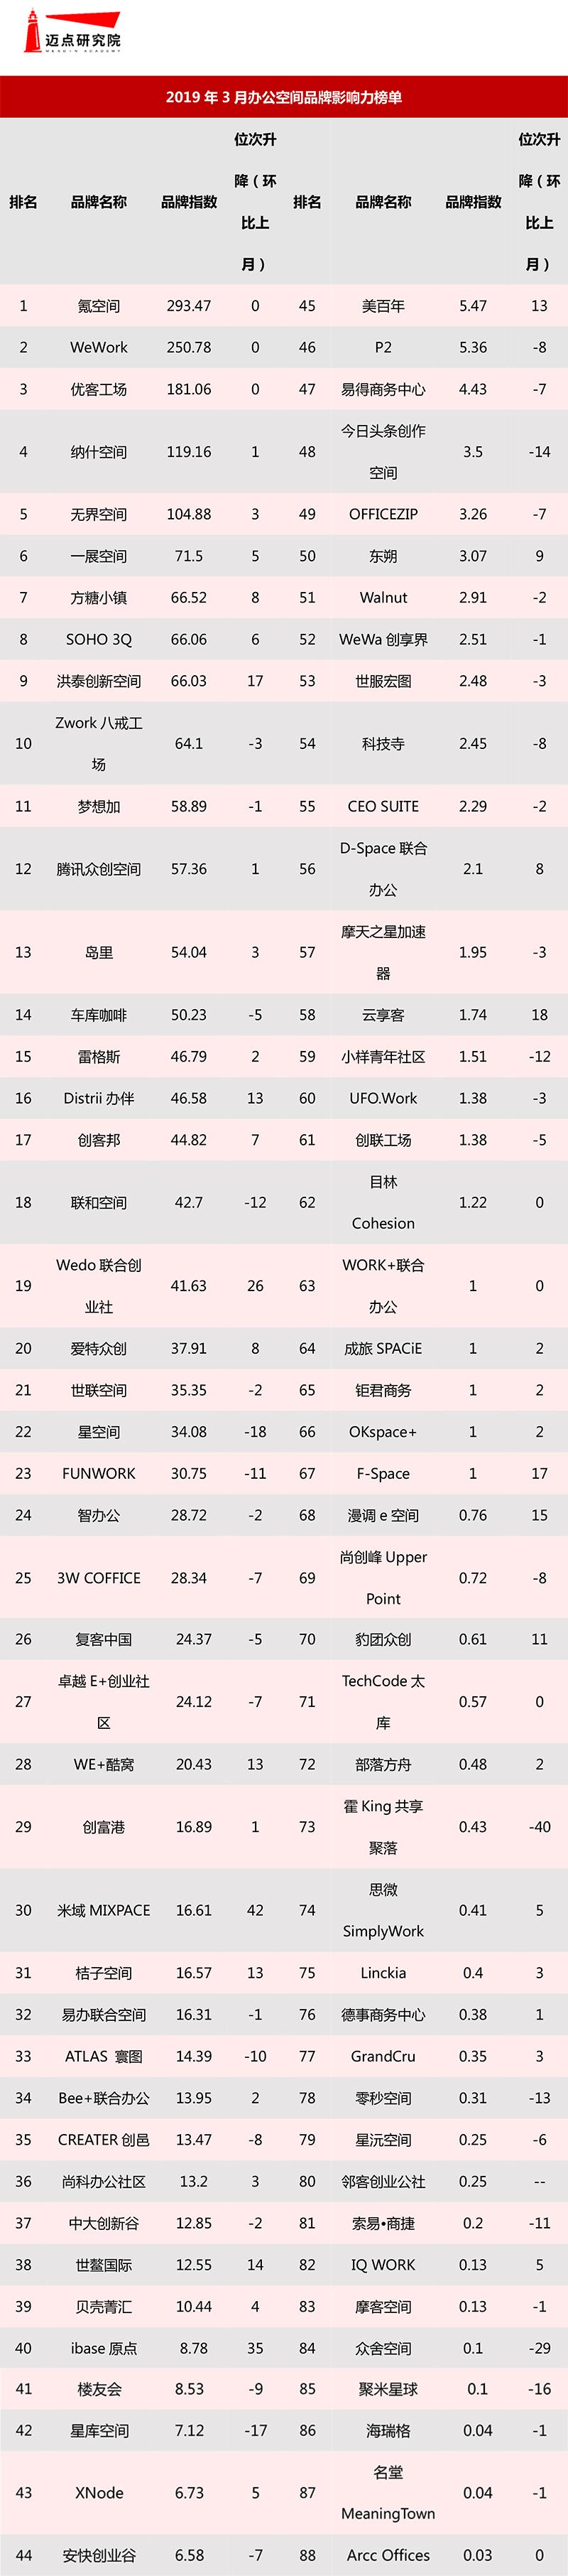 2019年3月办公空间品牌影响力榜单-1.jpg